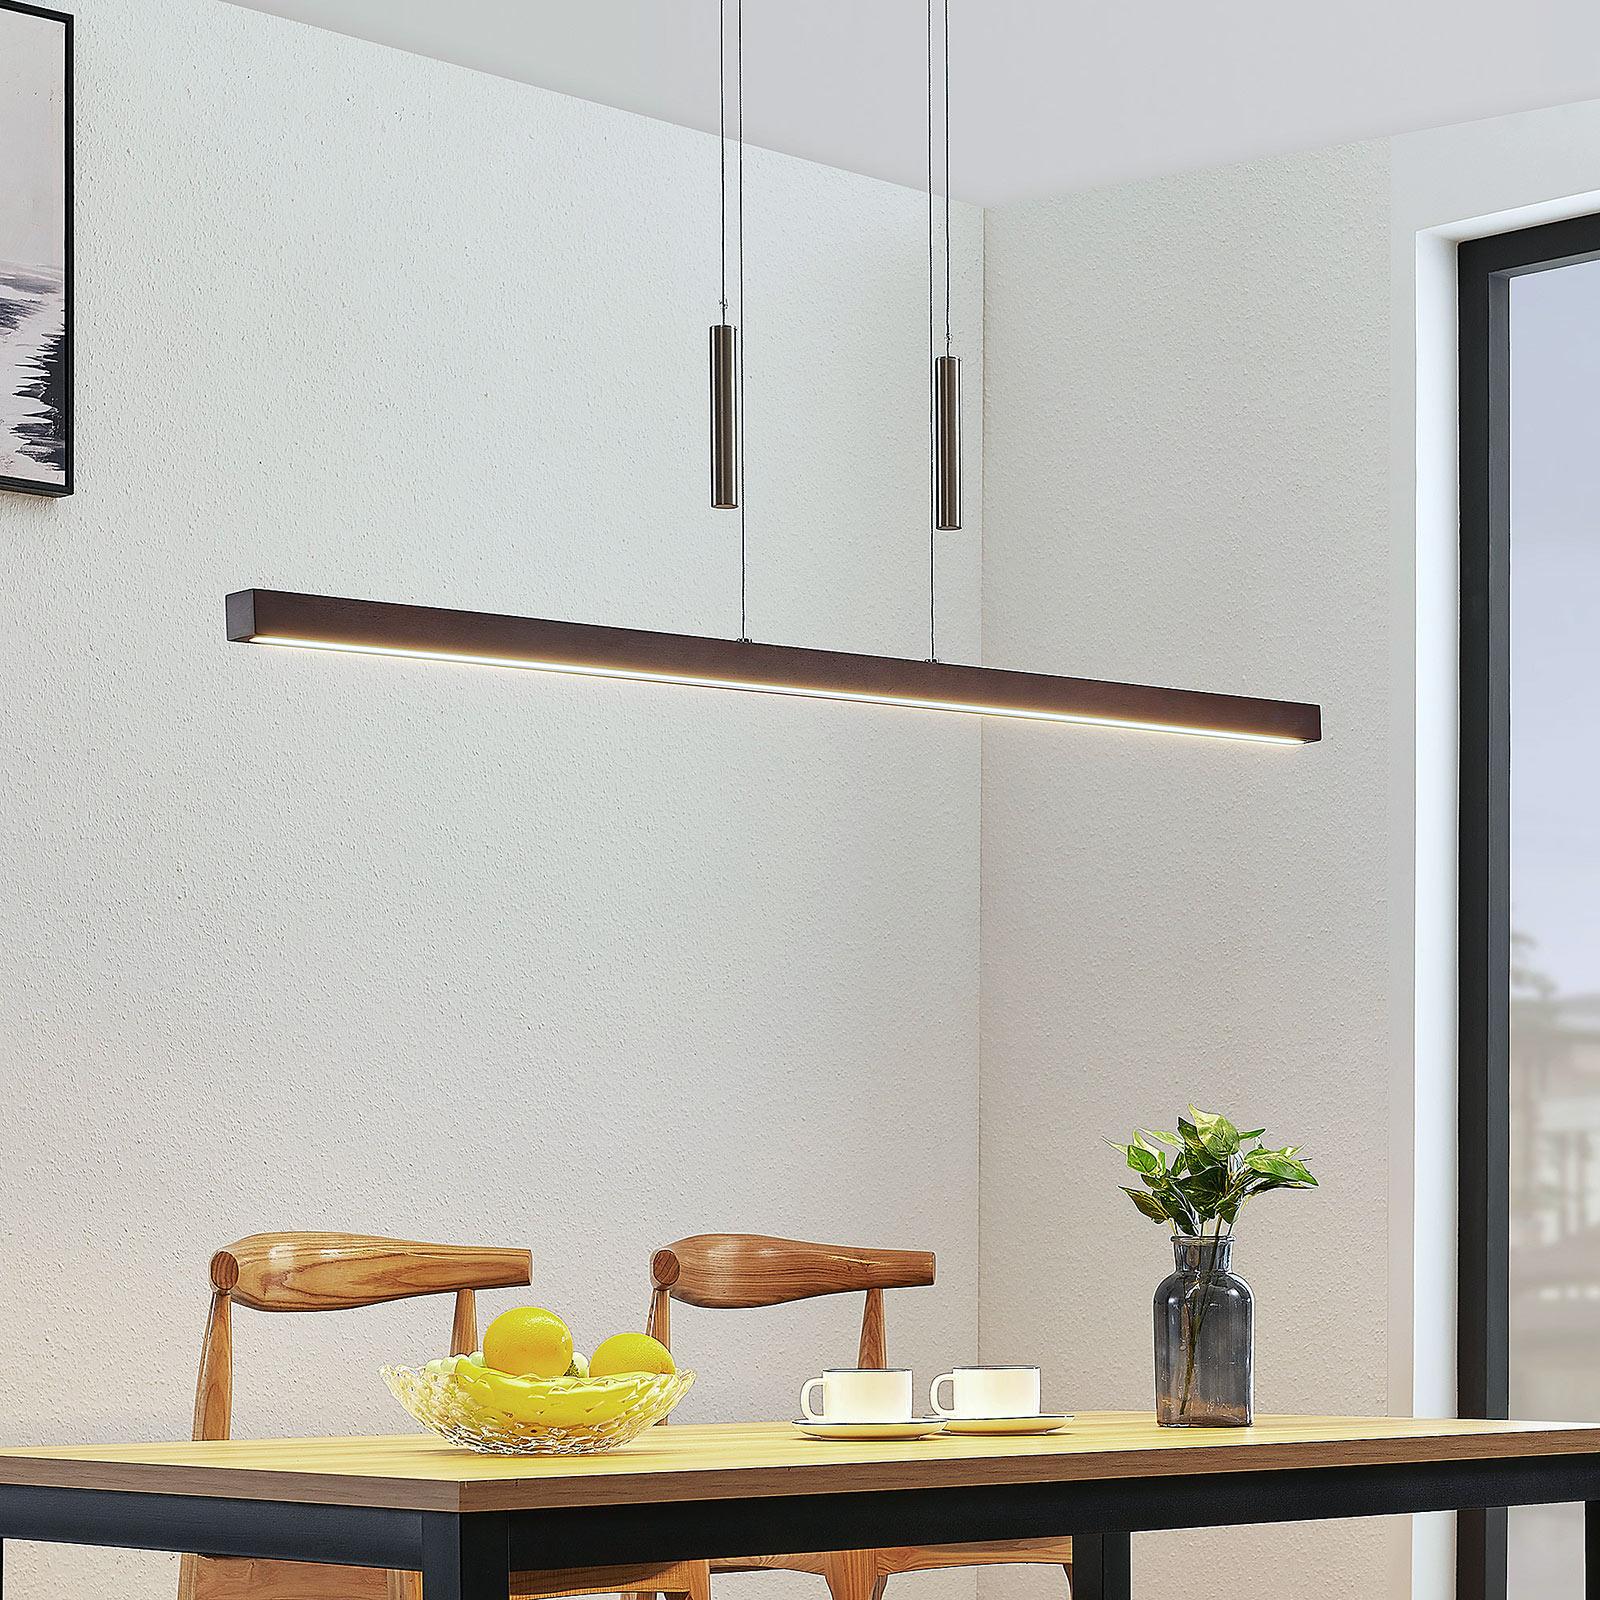 LED houten balk hanglamp Tamlin, donkerbruin